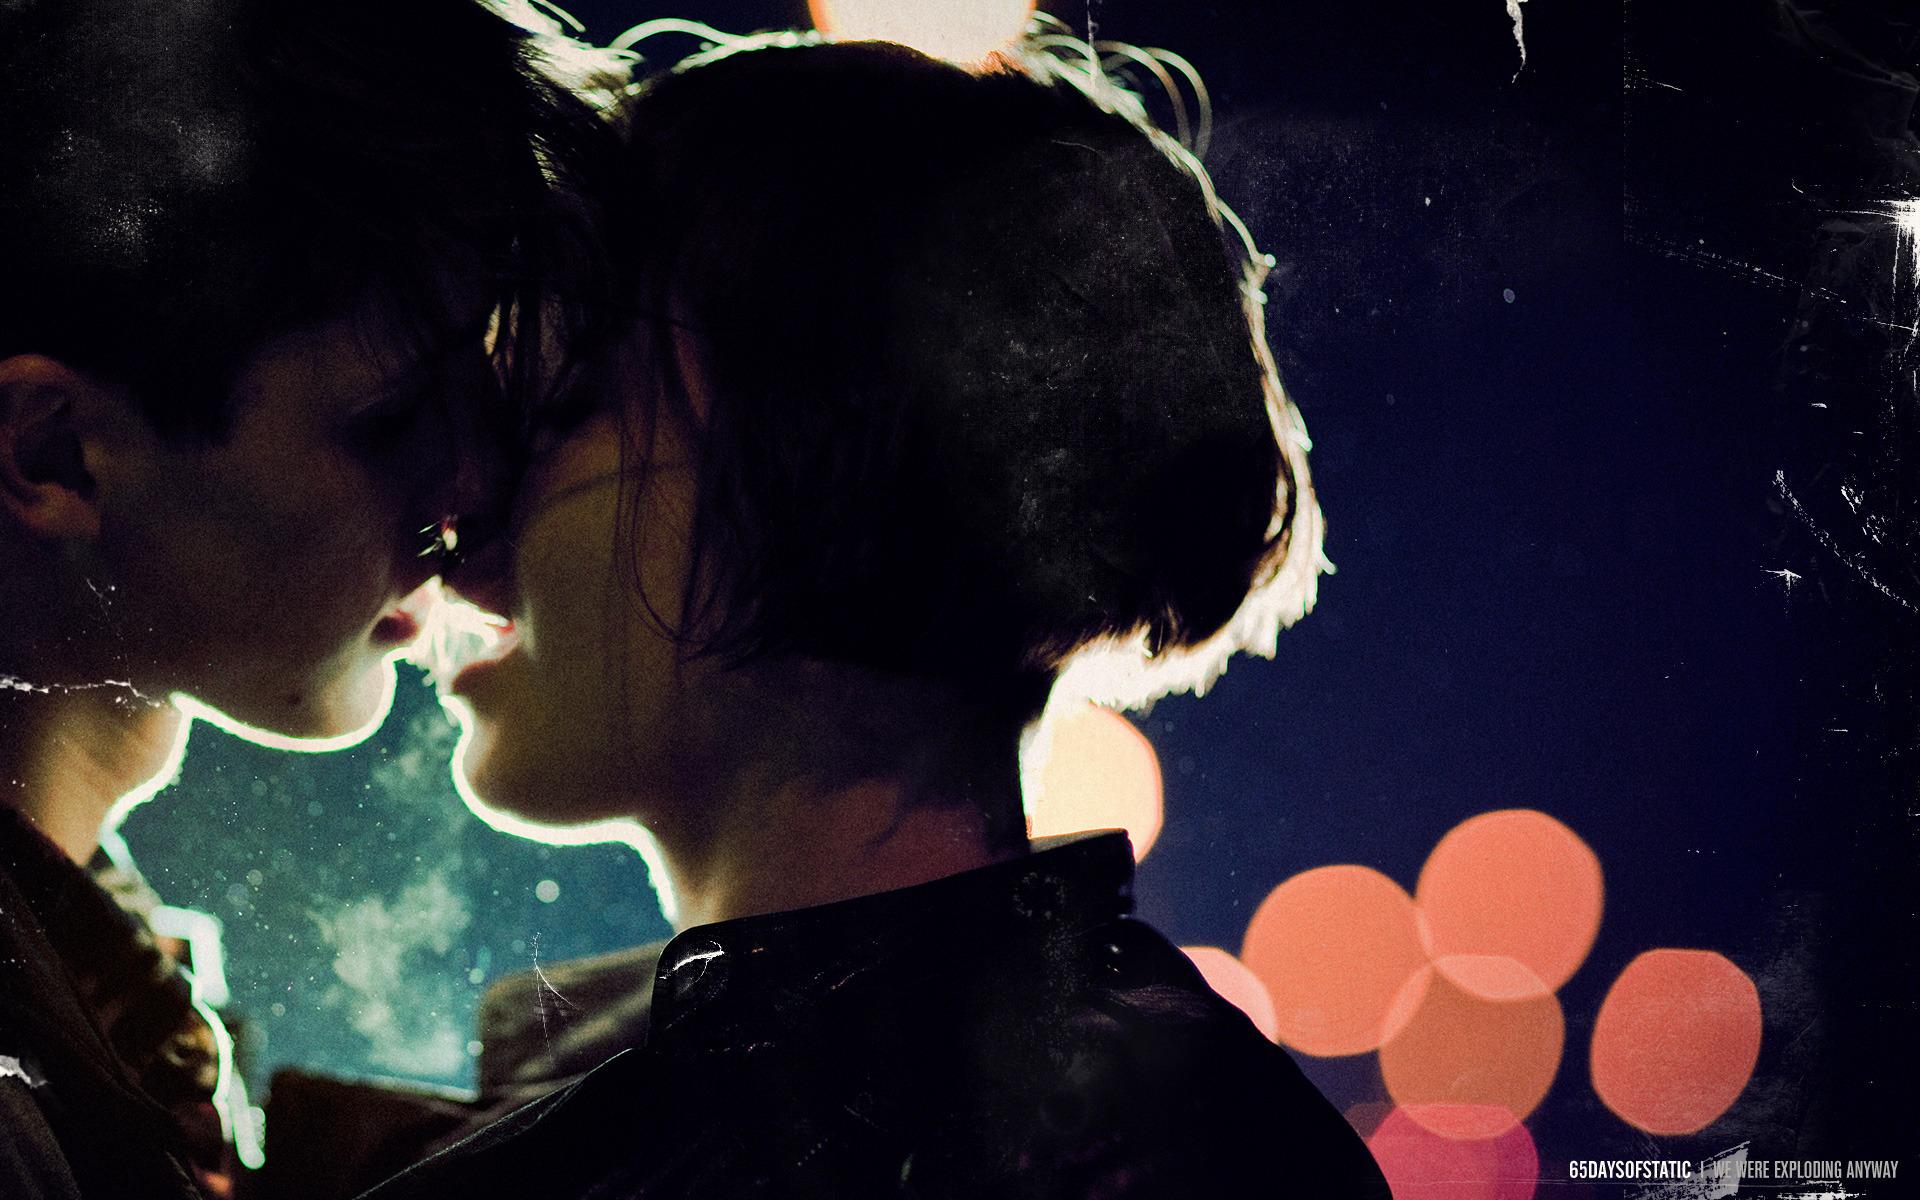 Фото как девушка целуется 9 фотография